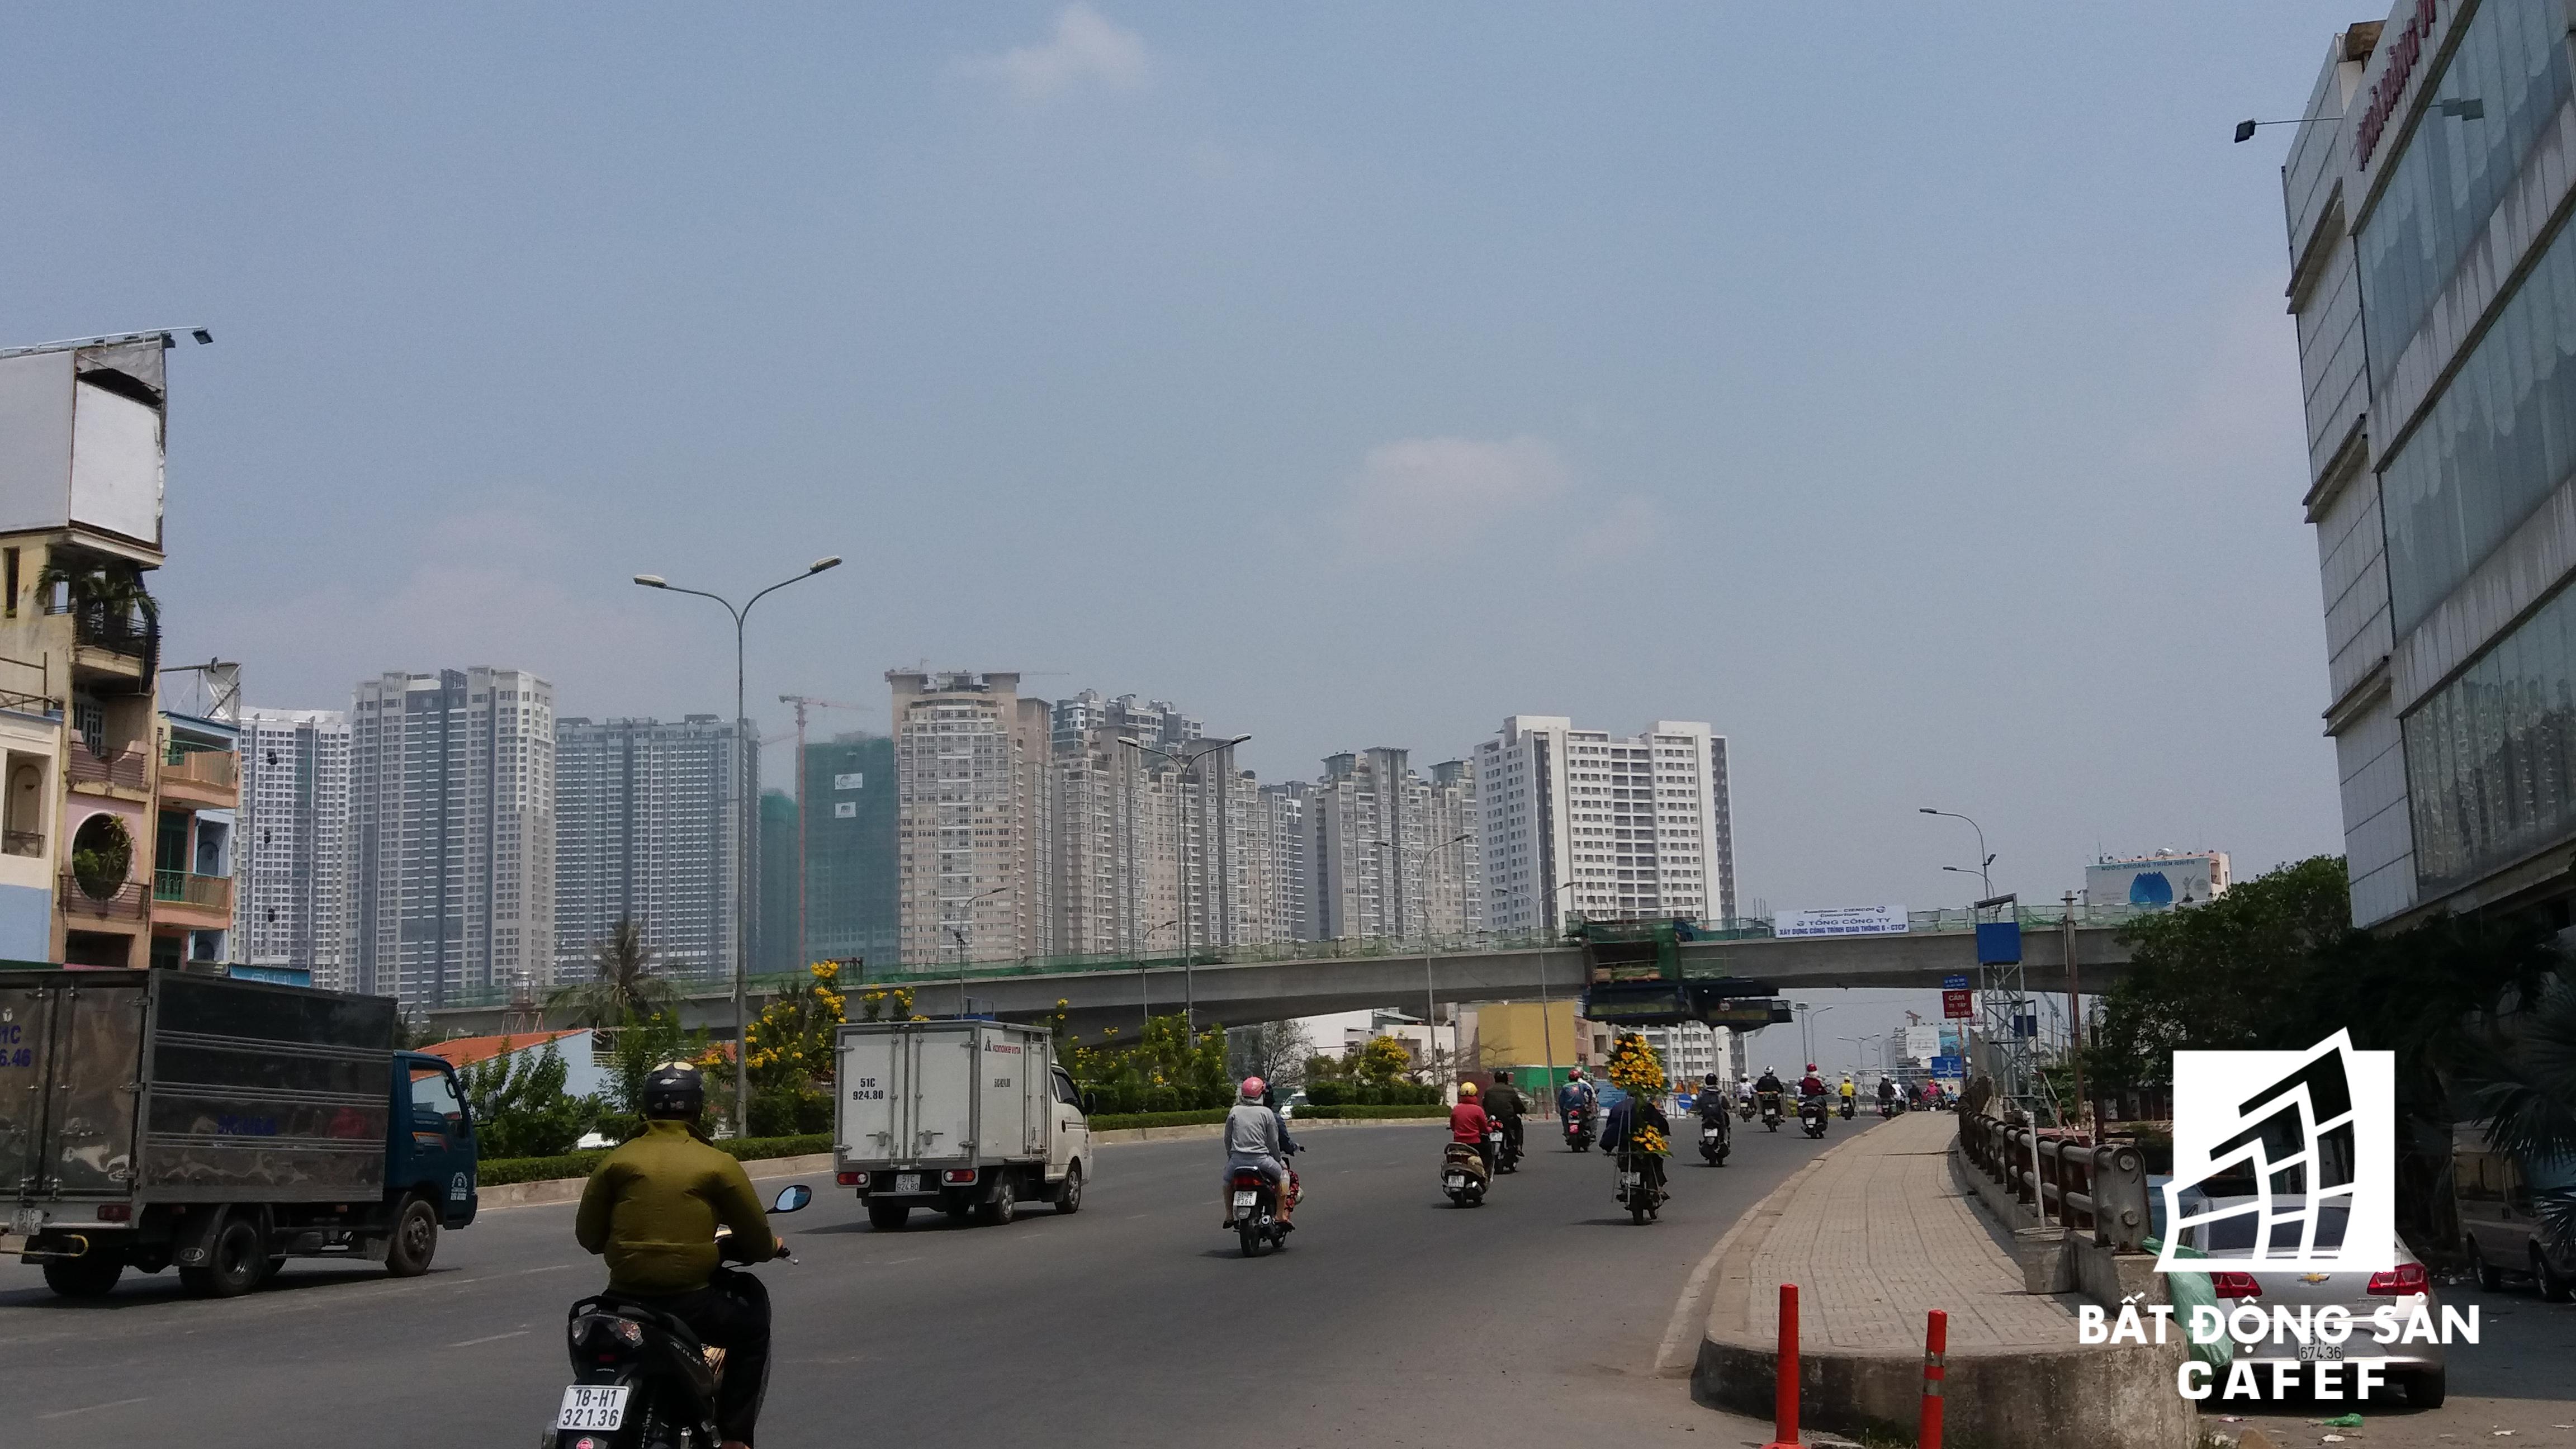 Tuyến metro số 1 chạy ngang đường Nguyễn Hữu Cảnh, đang chạy đua tiến độ.